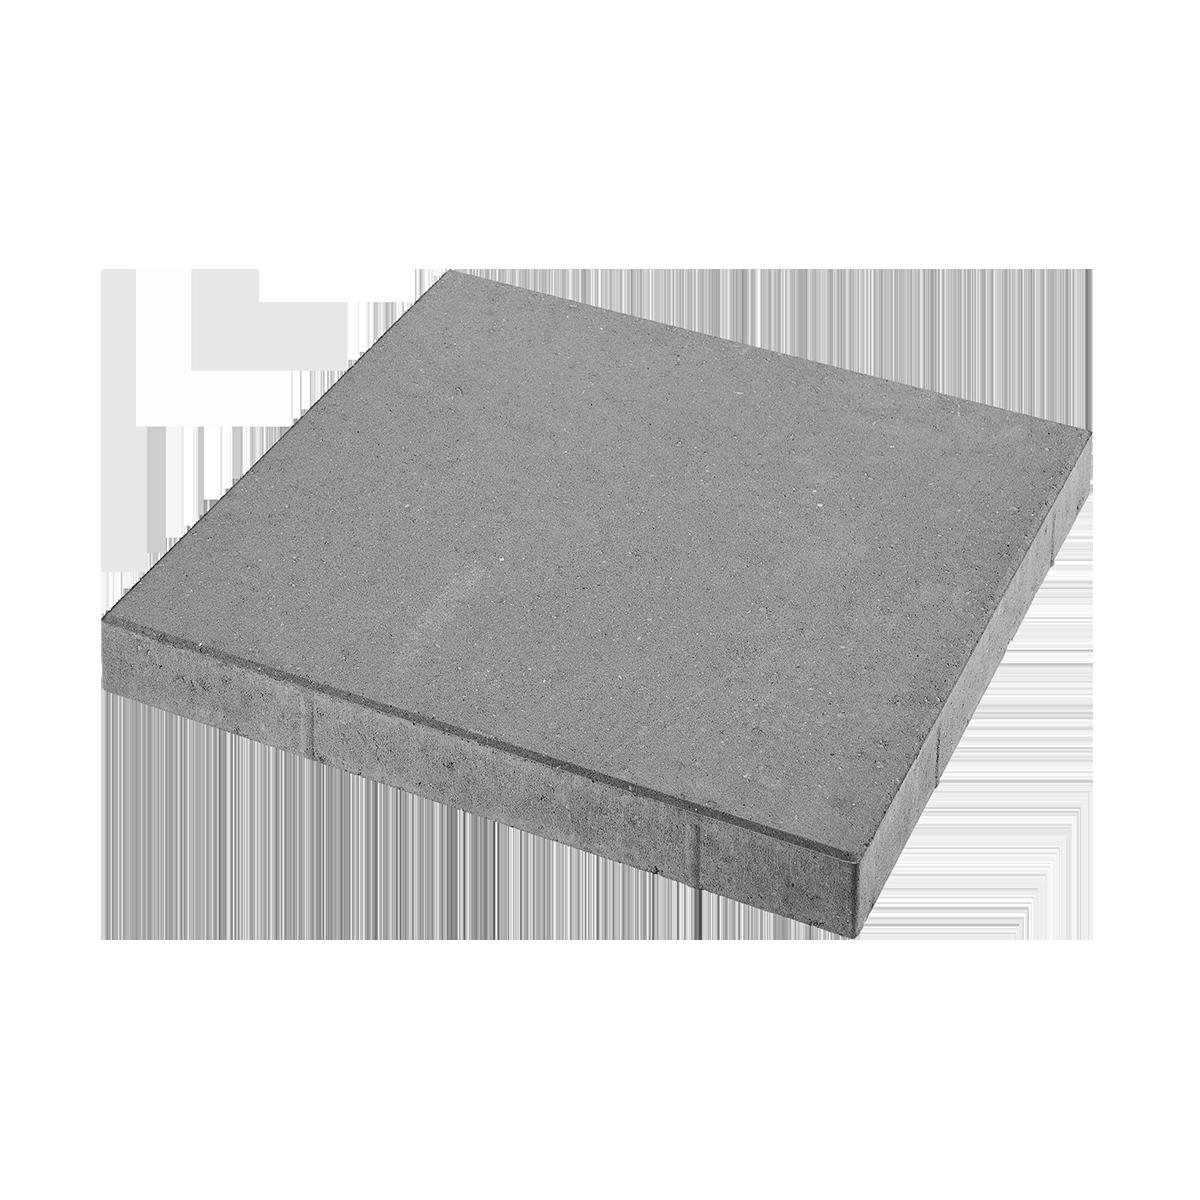 Fliser 60x60x8 cm Grå